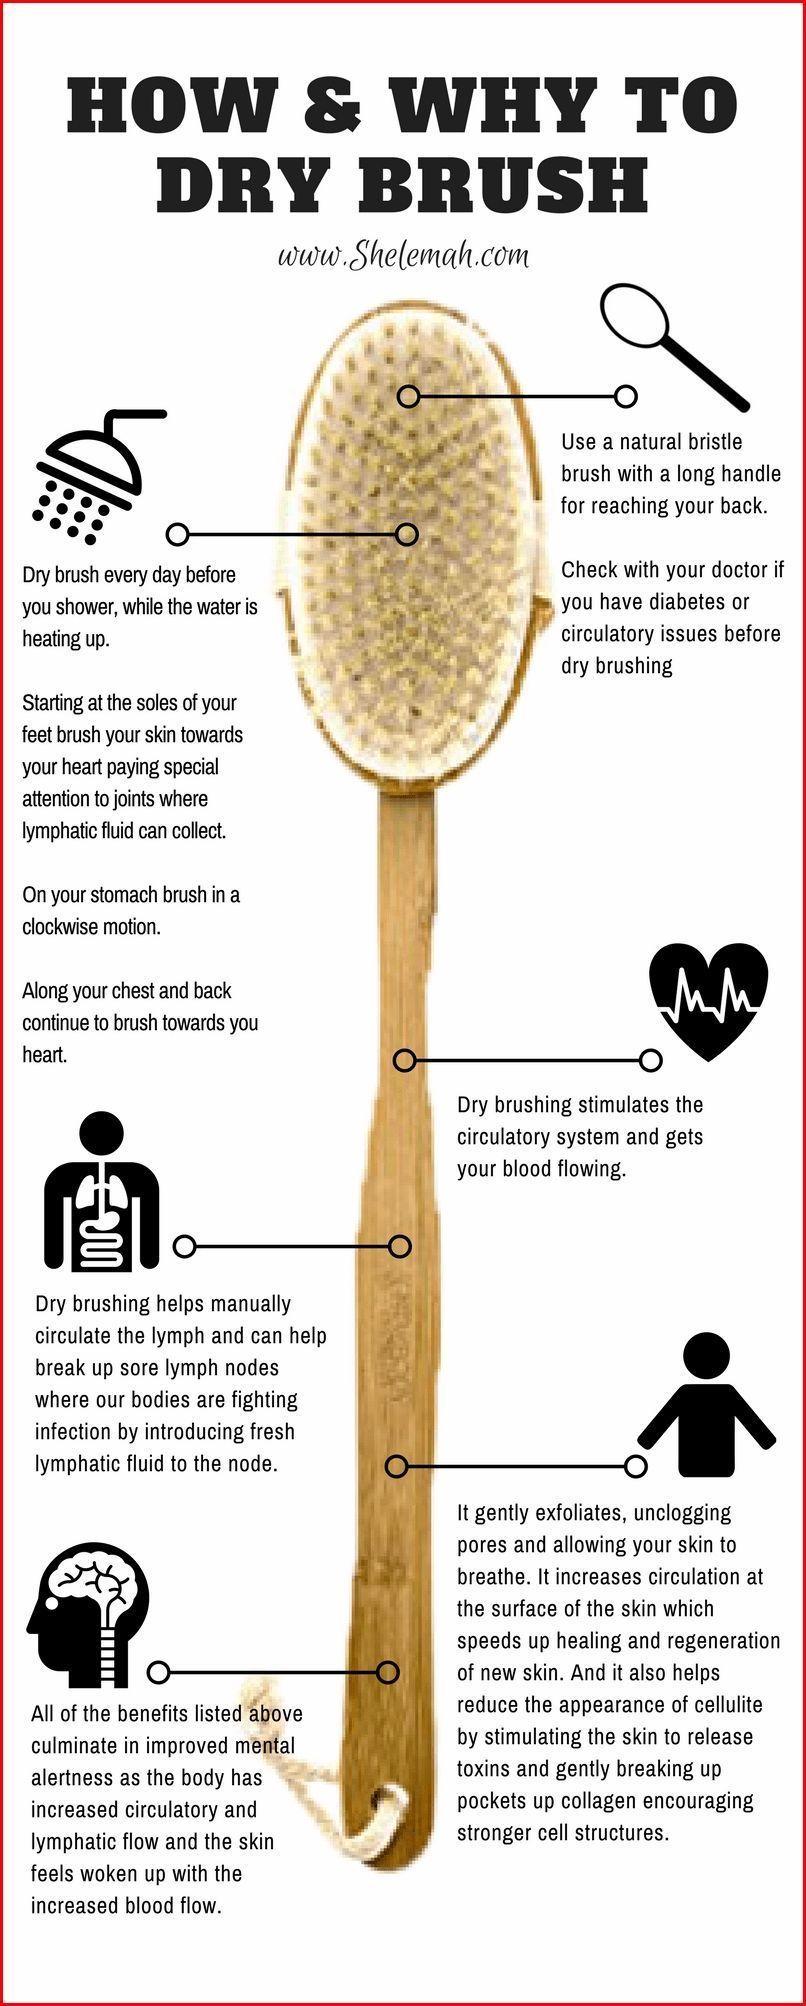 Natürliche Hautpflege. Verwöhnen Sie Ihre Haut auf natürliche Weise mit hundertprozentig biologischen Hautpflegecremes und natürlichem Make-up, .....